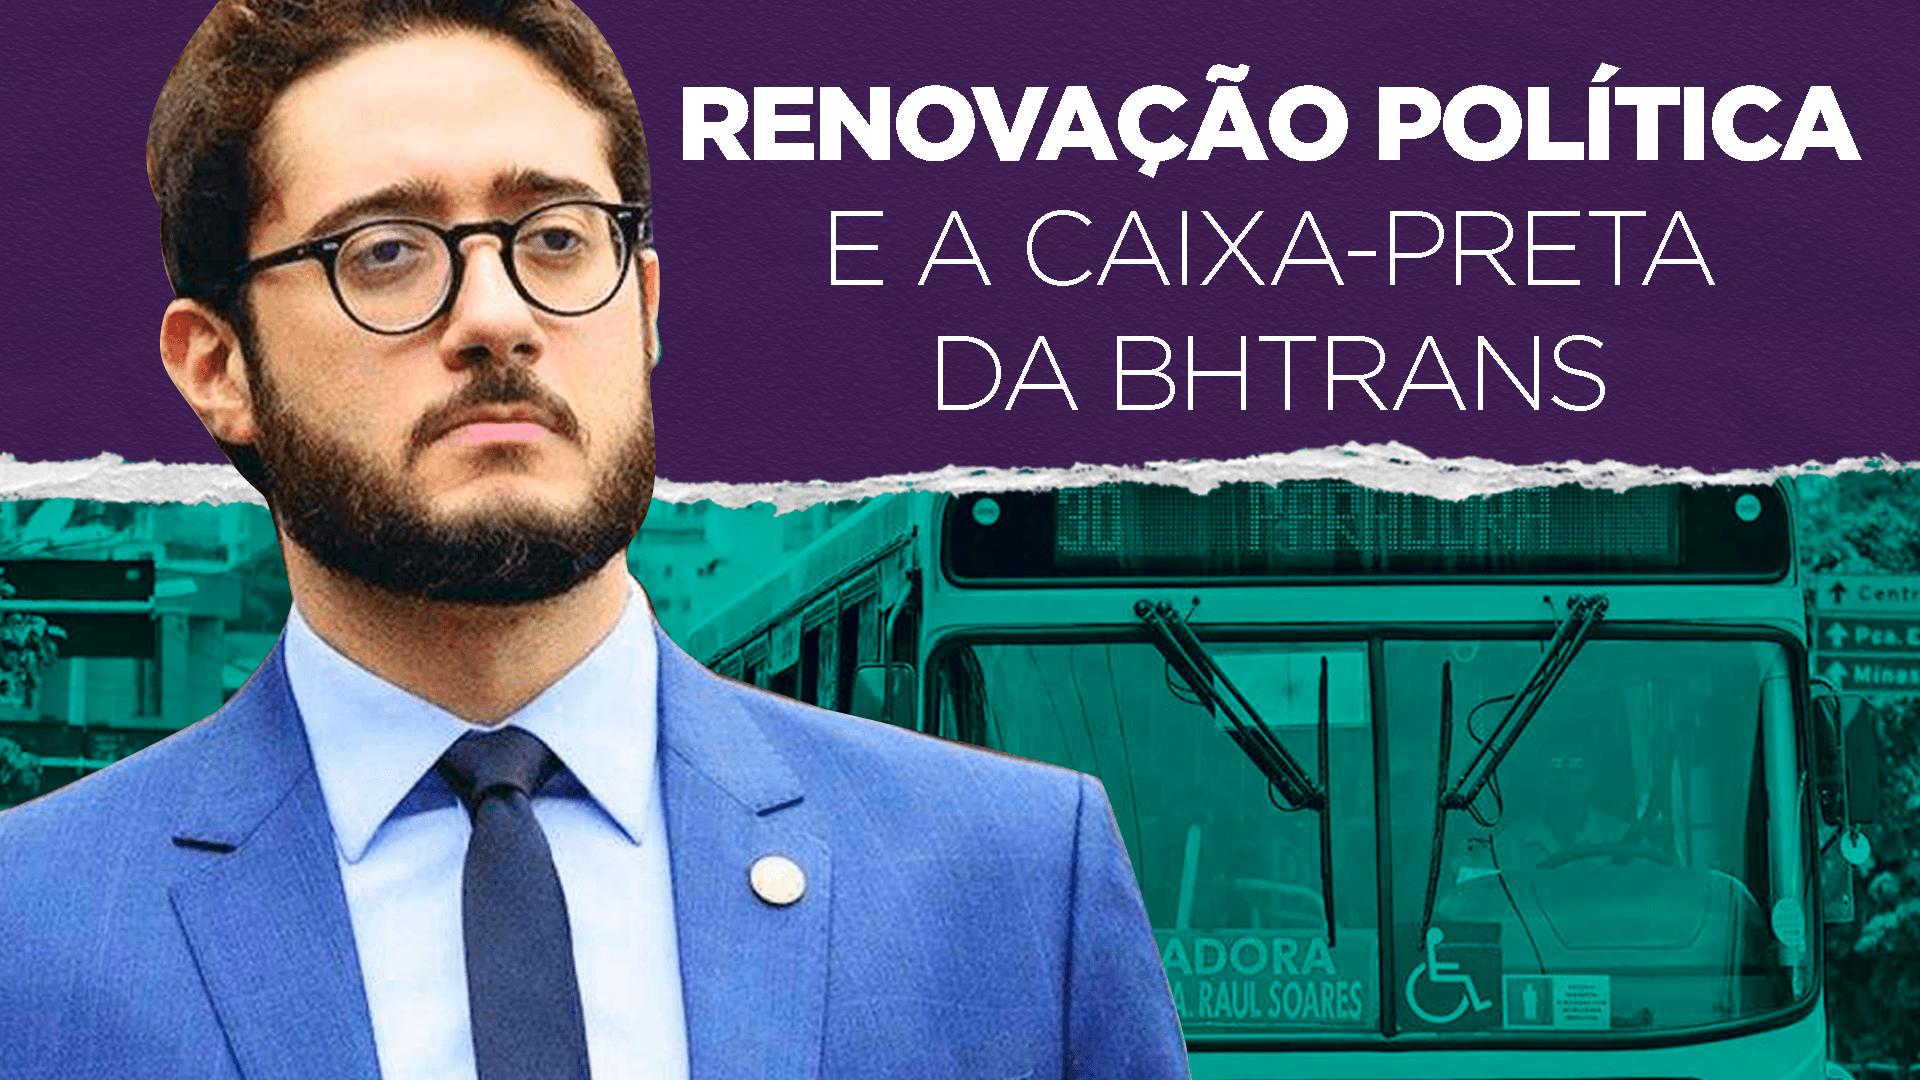 RENOVAÇÃO POLÍTICA E A CAIXA-PRETA DA BHTRANS – LivresCast com Gabriel Azevedo